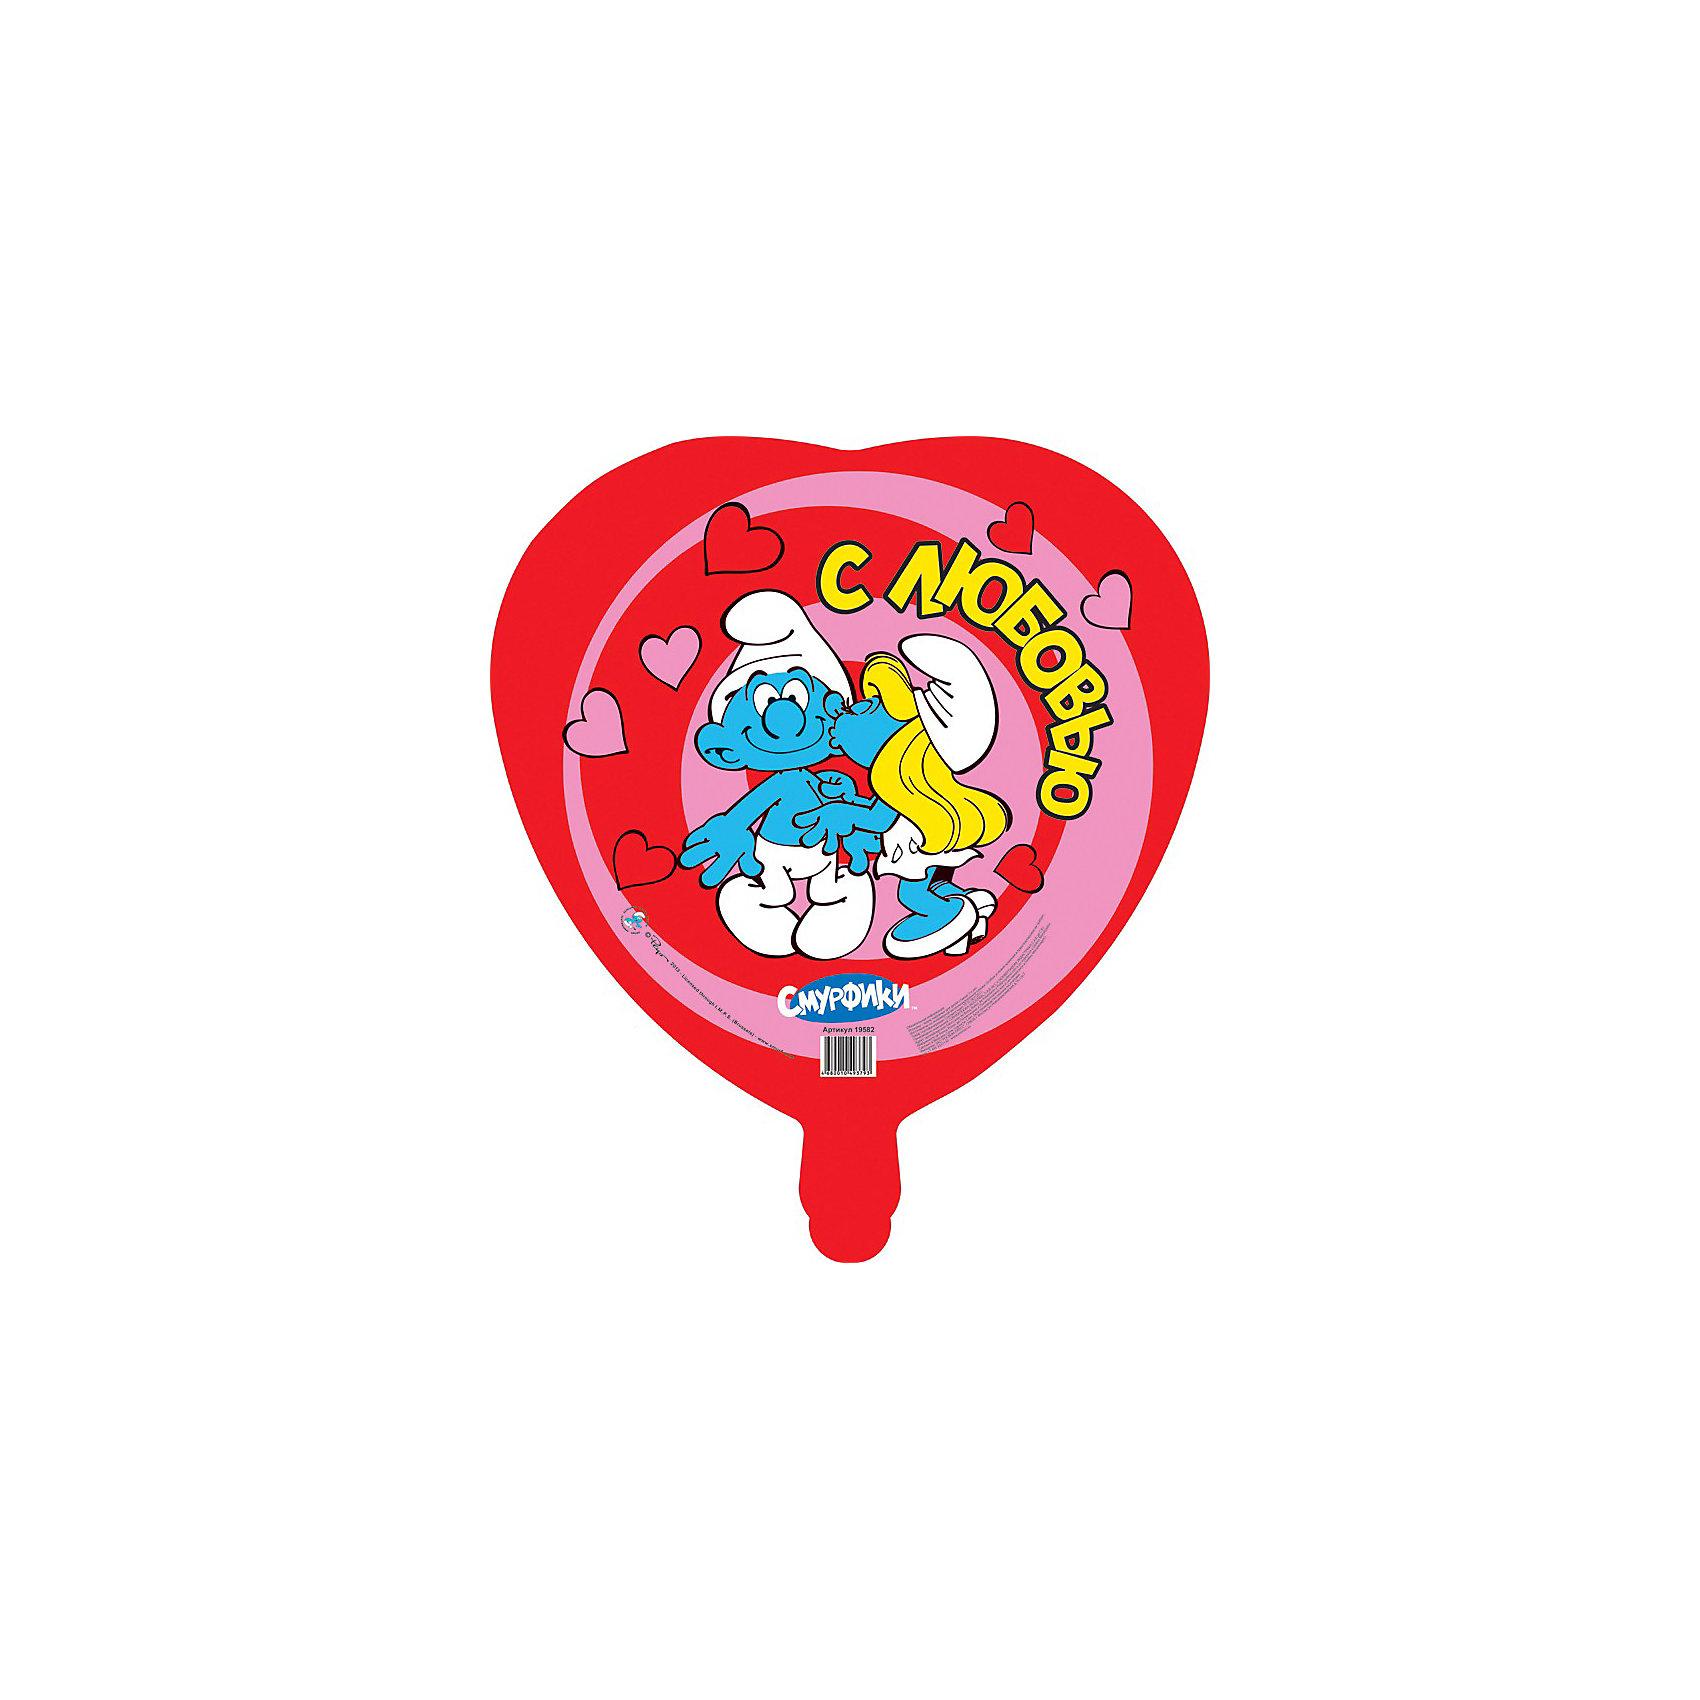 Шар Влюбленные смурфики, СмурфикиВсё для праздника<br>Фигурный шар в форме сердца «Влюбленные смурфики» станет отличным украшением интерьера и забавной игрушкой для вашего ребенка. Прекрасный яркий аксессуар обязательно порадует вашего малыша и создаст атмосферу праздника.<br><br>Дополнительная информация:<br><br>- Размер: d - 46 см.<br>- Форма: круг.<br>- Материал: миларовая пленка.<br>- Надувается гелием.<br>- Поставляется в сдутом виде.<br><br>Шар Влюбленные смурфики, Смурфики, можно купить в нашем магазине.<br><br>Ширина мм: 530<br>Глубина мм: 460<br>Высота мм: 1<br>Вес г: 10<br>Возраст от месяцев: 36<br>Возраст до месяцев: 84<br>Пол: Унисекс<br>Возраст: Детский<br>SKU: 3868075